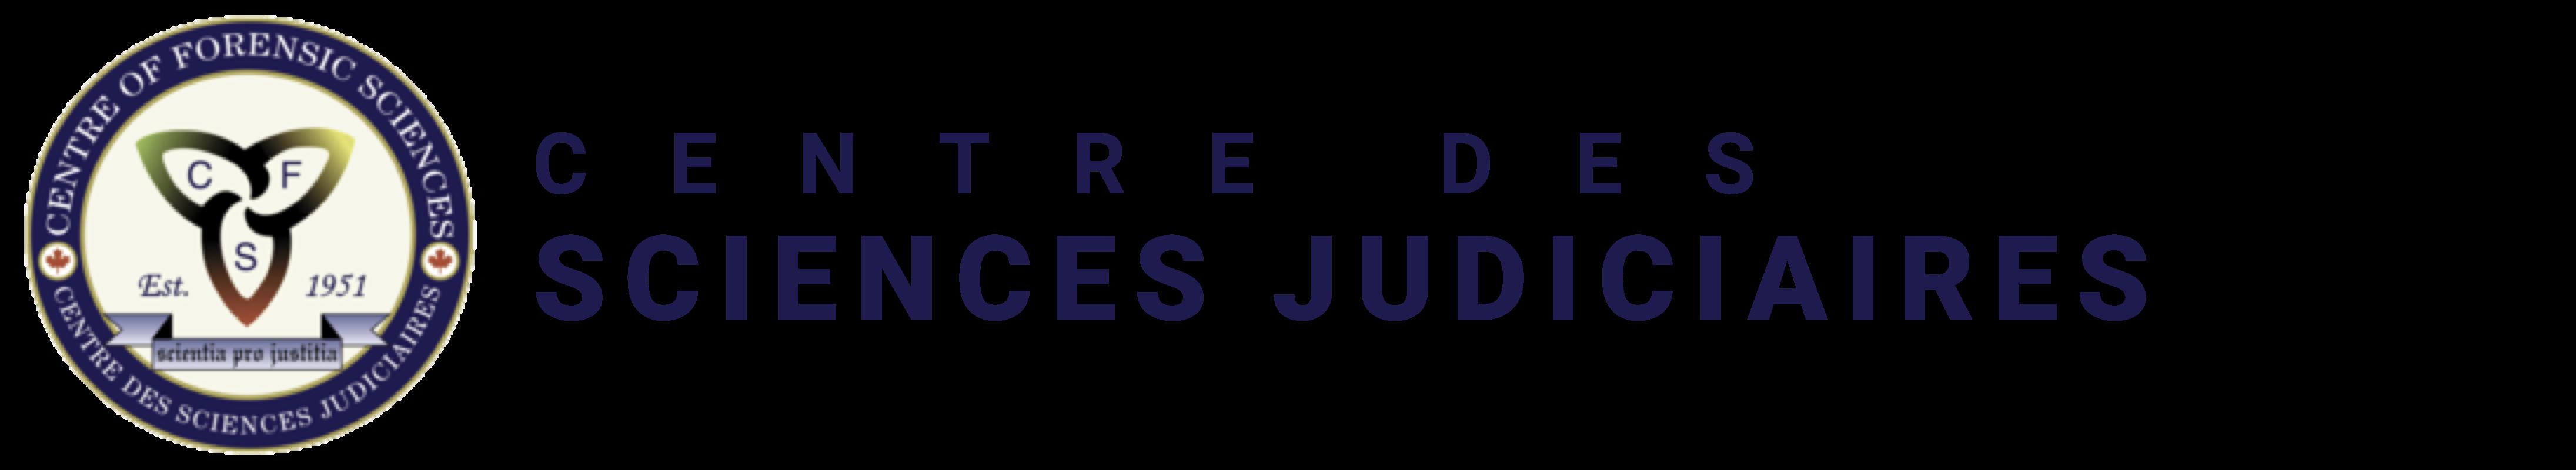 Logo du Centre des sciences judiciaires